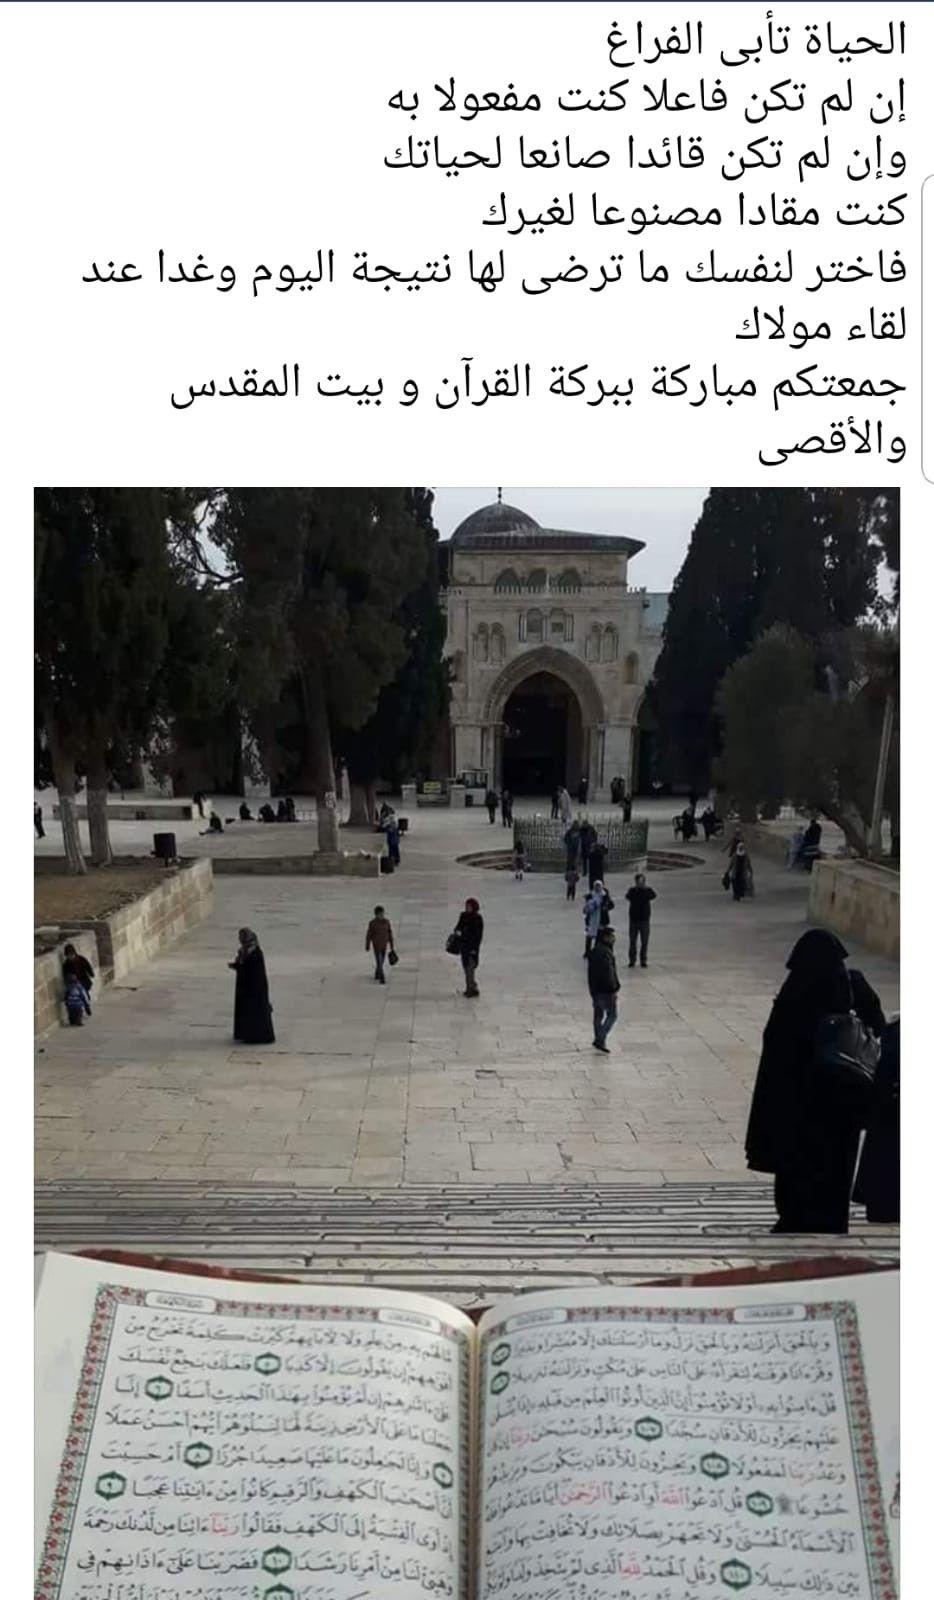 Pin By فلسطينية ولي الفخر On فلسطين يا أمي Holy Quran Arabic Words Facebook Posts